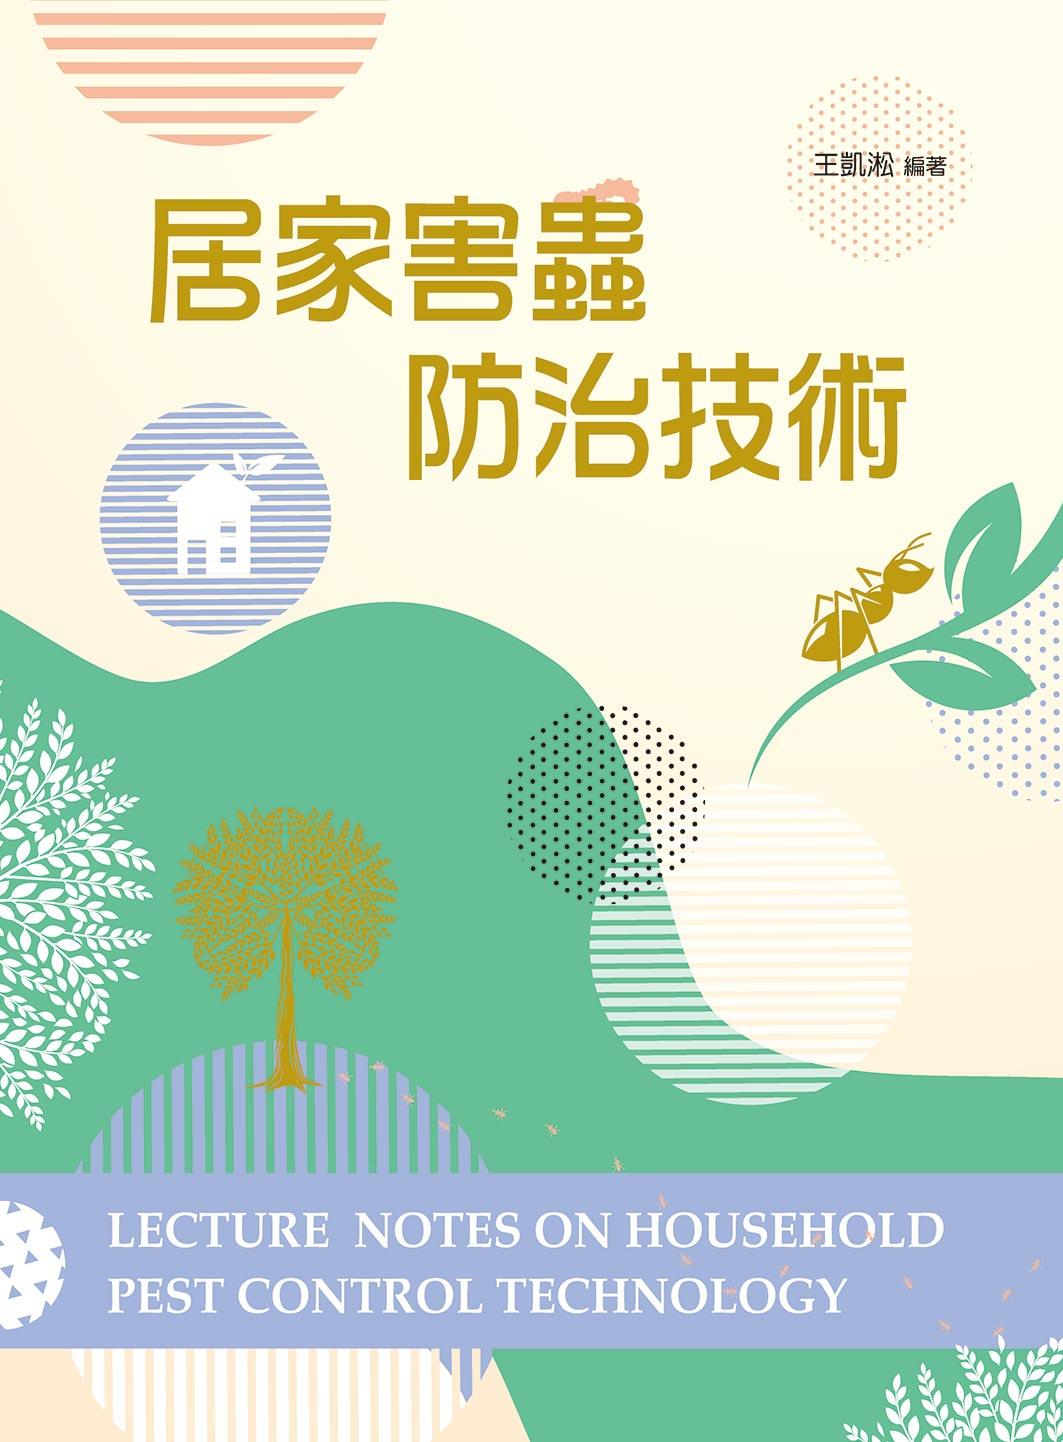 居家害蟲防治技術